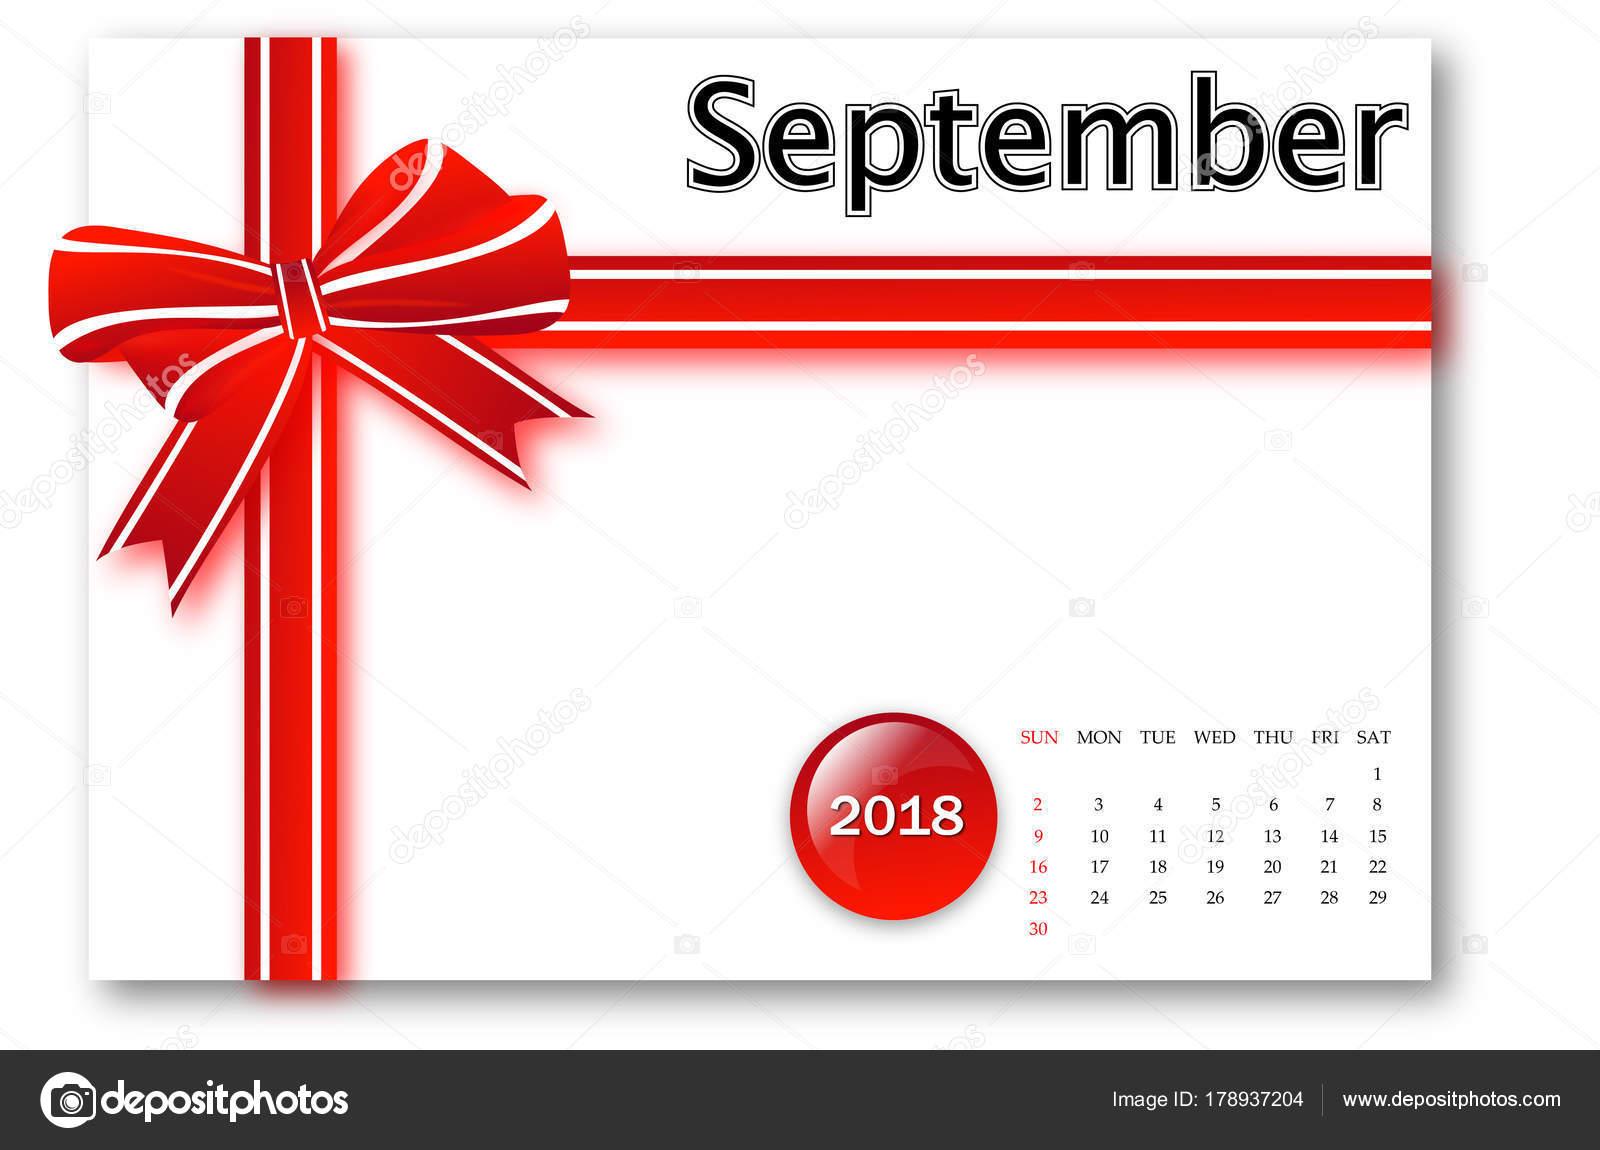 Settembre 2018 Calendario Serie Con Disegno Fiocco Regalo Foto